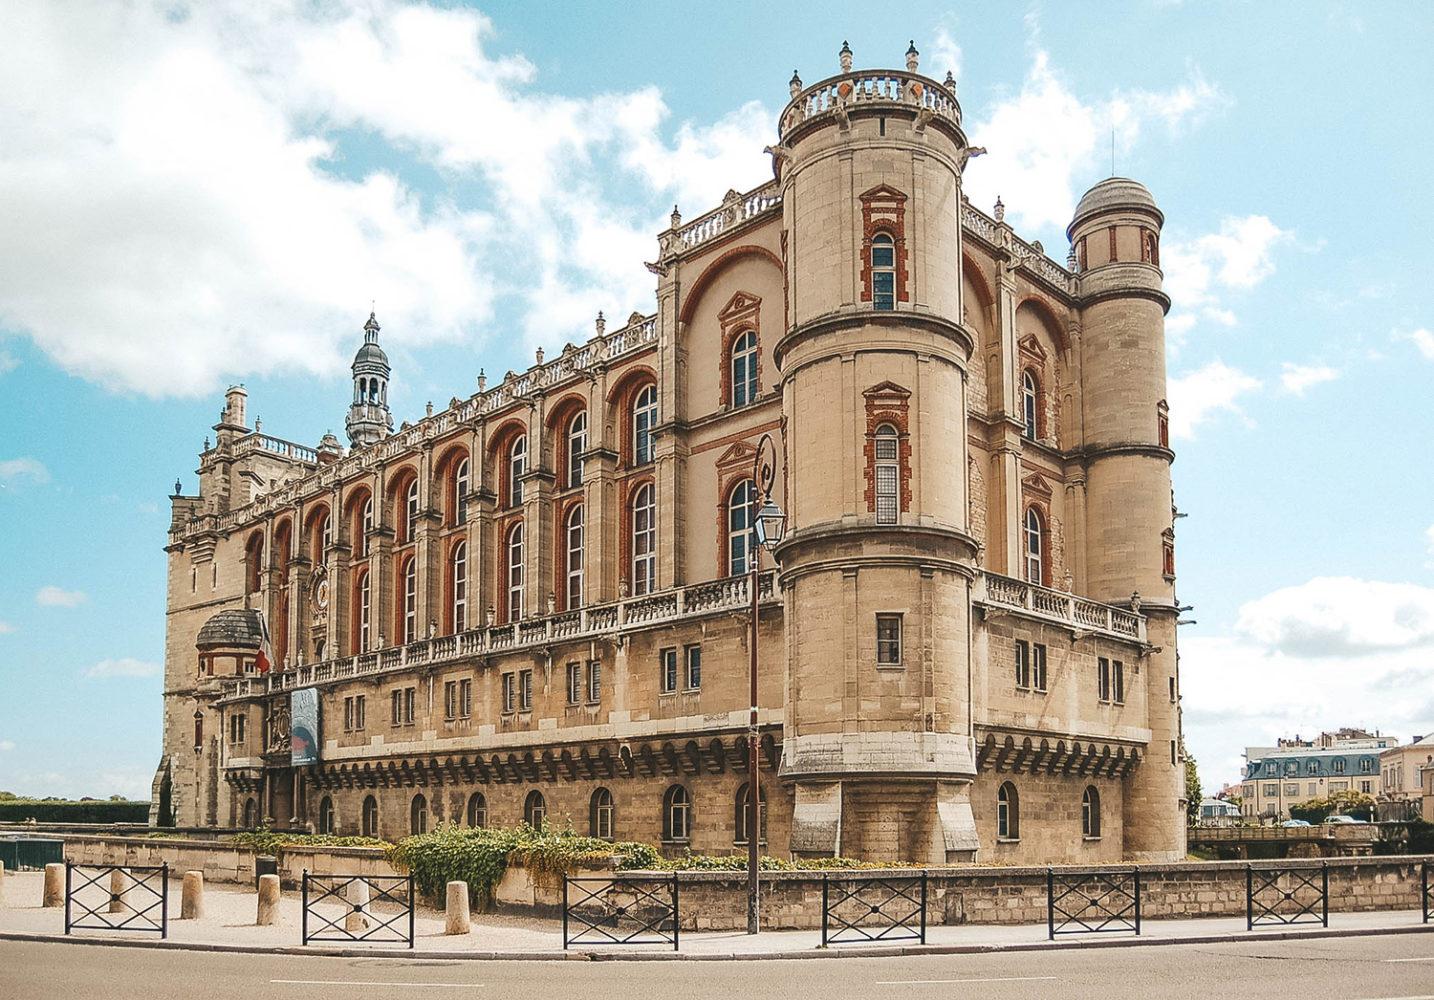 Le magnifique musée des antiquités nationales